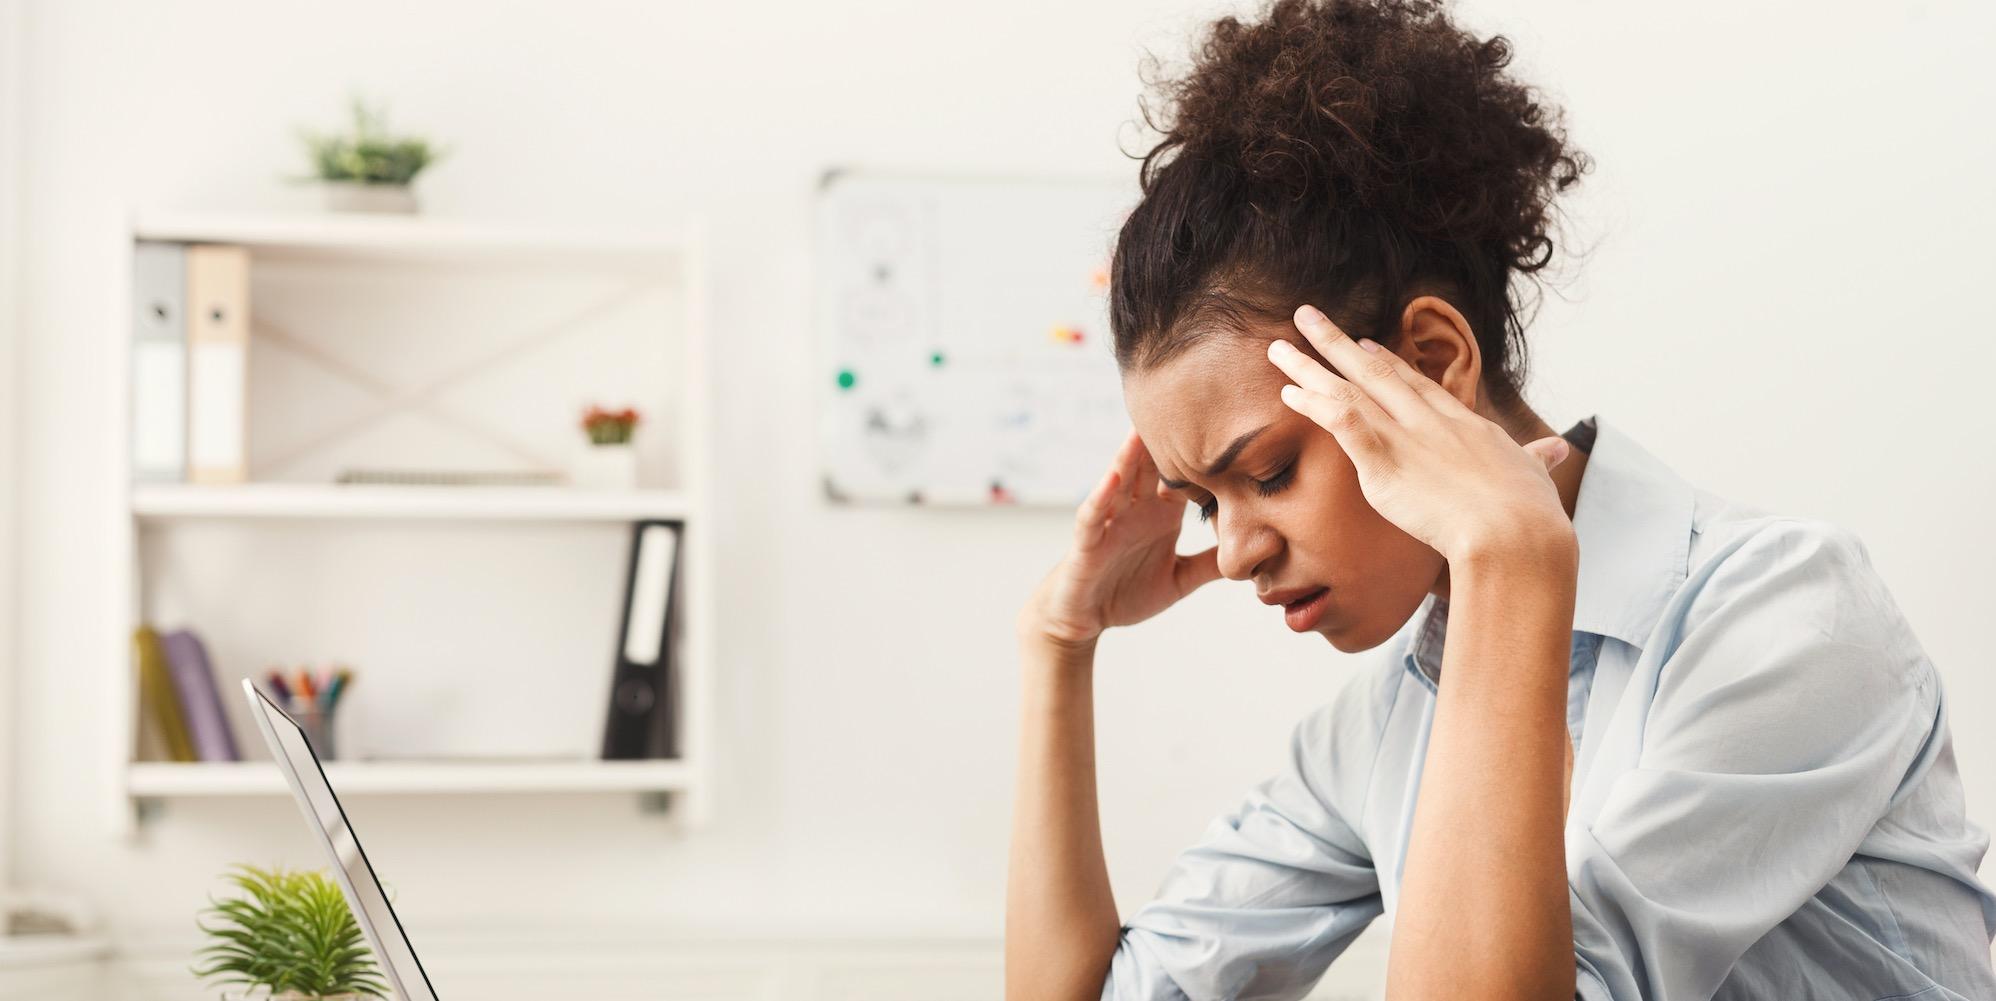 اسباب صداع الراس المستمر